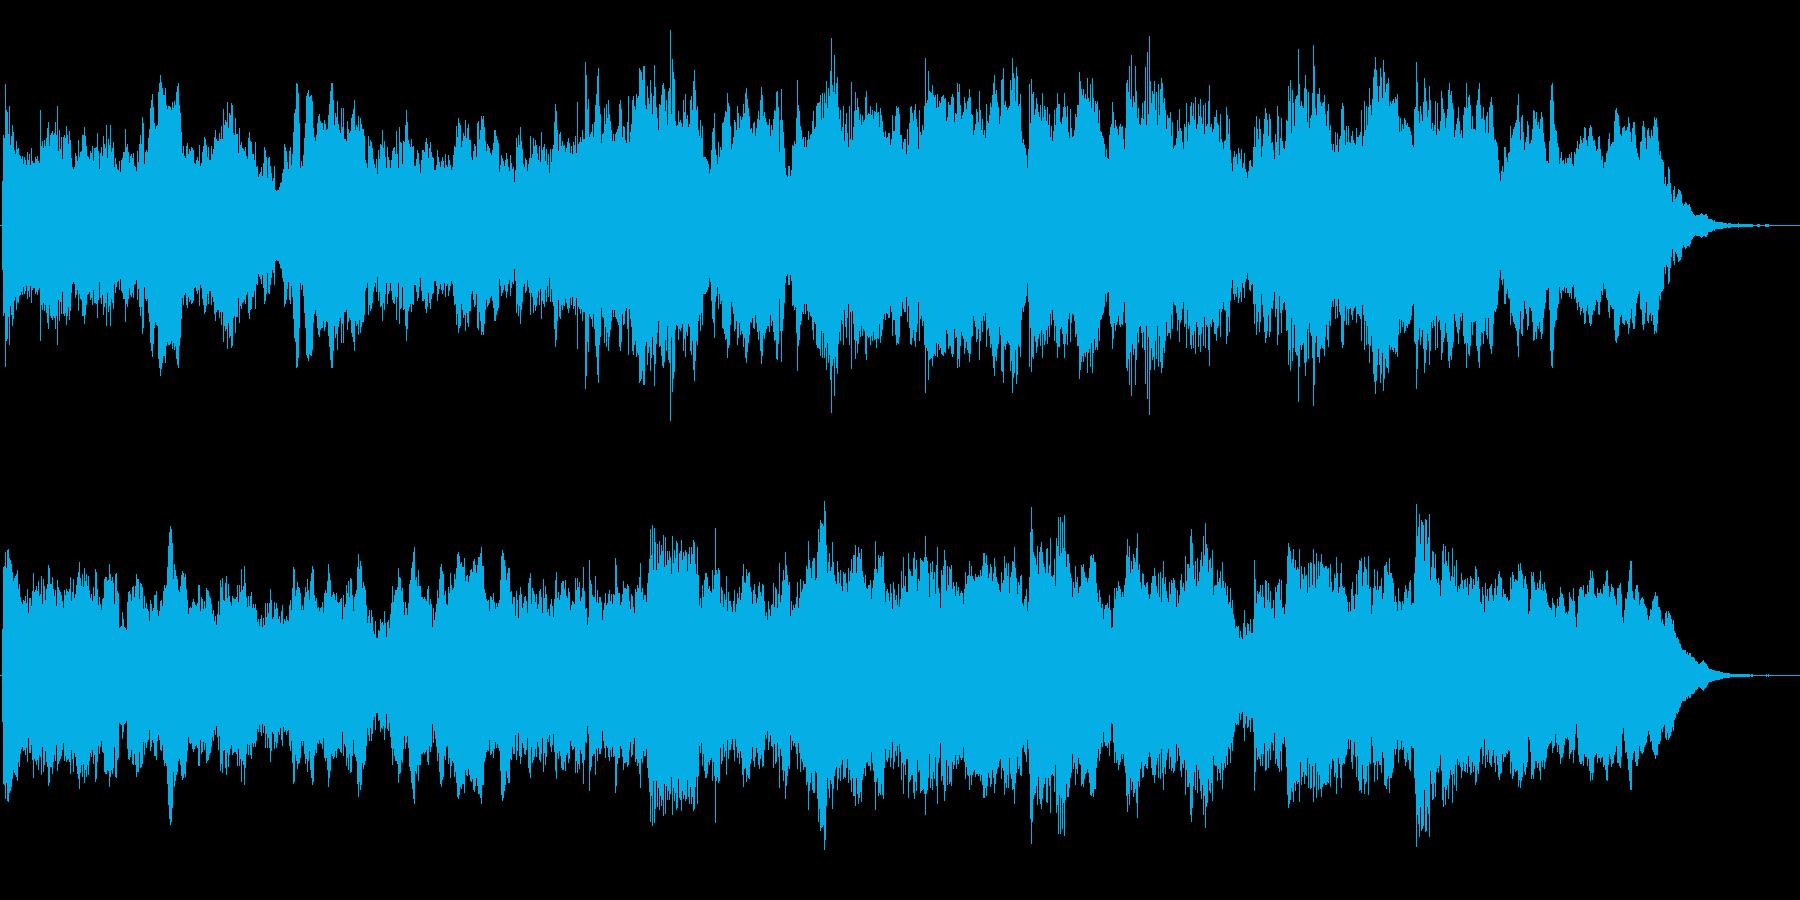 少し緊張した場面でのオーケストラ曲の再生済みの波形